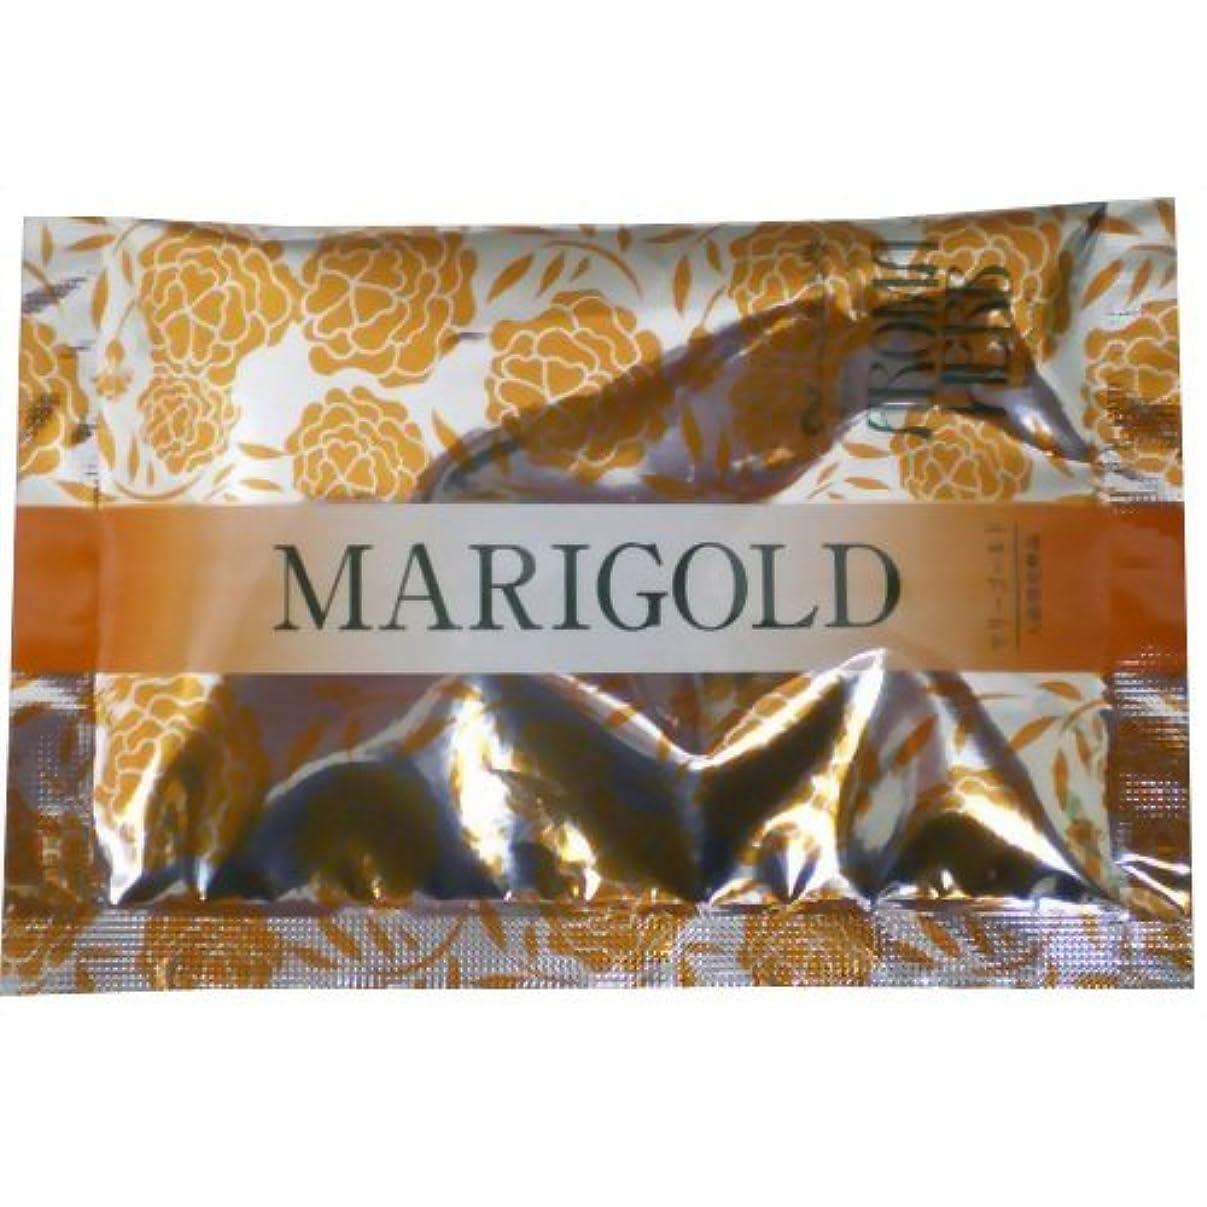 債務キモいモトリーアロマハーブ 香りの物語入浴剤 マリーゴールド(入浴剤 ハーブ)